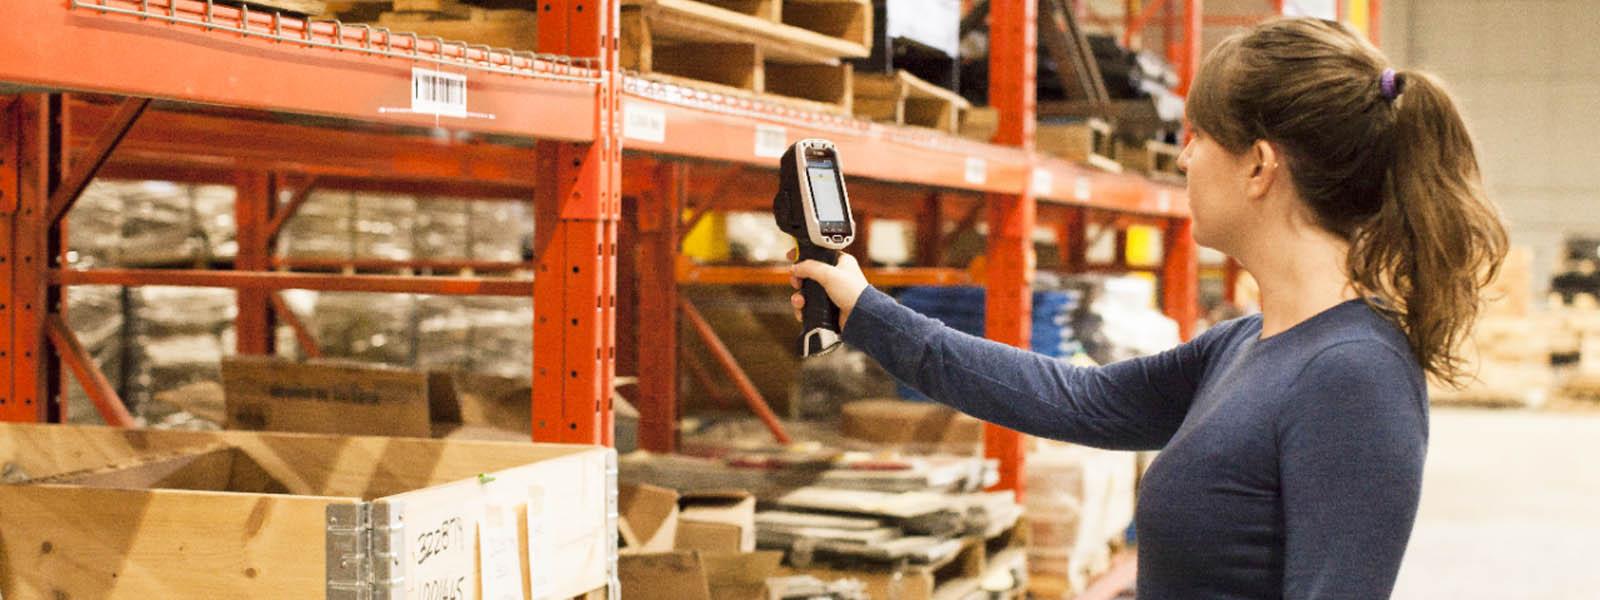 Eine Frau arbeitet mit dem Handscanner TC8000 des Herstellers Zebra